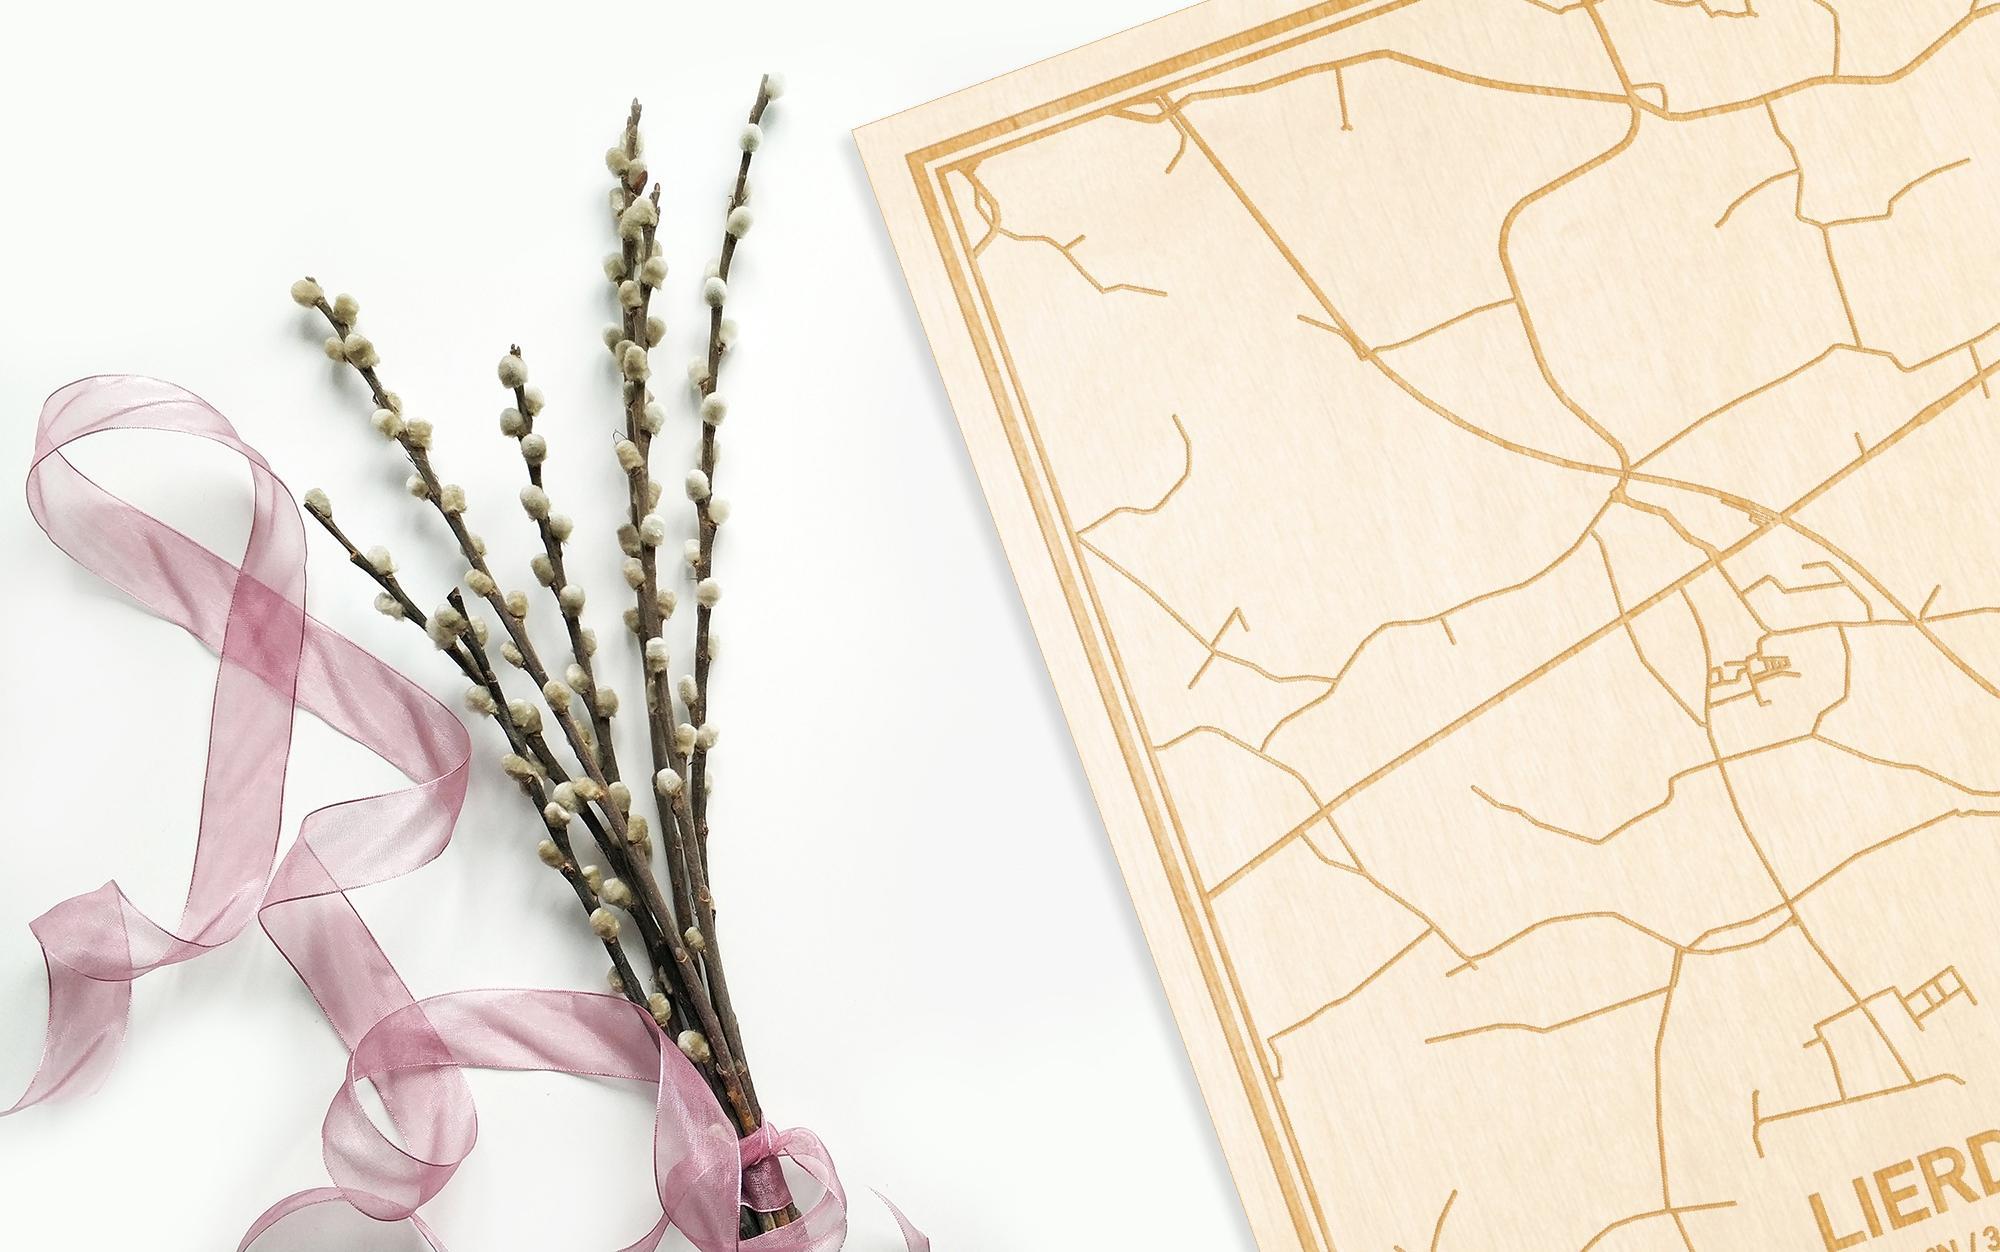 Hier ligt de houten plattegrond Lierde naast een bloemetje als gepersonaliseerd cadeau voor haar.